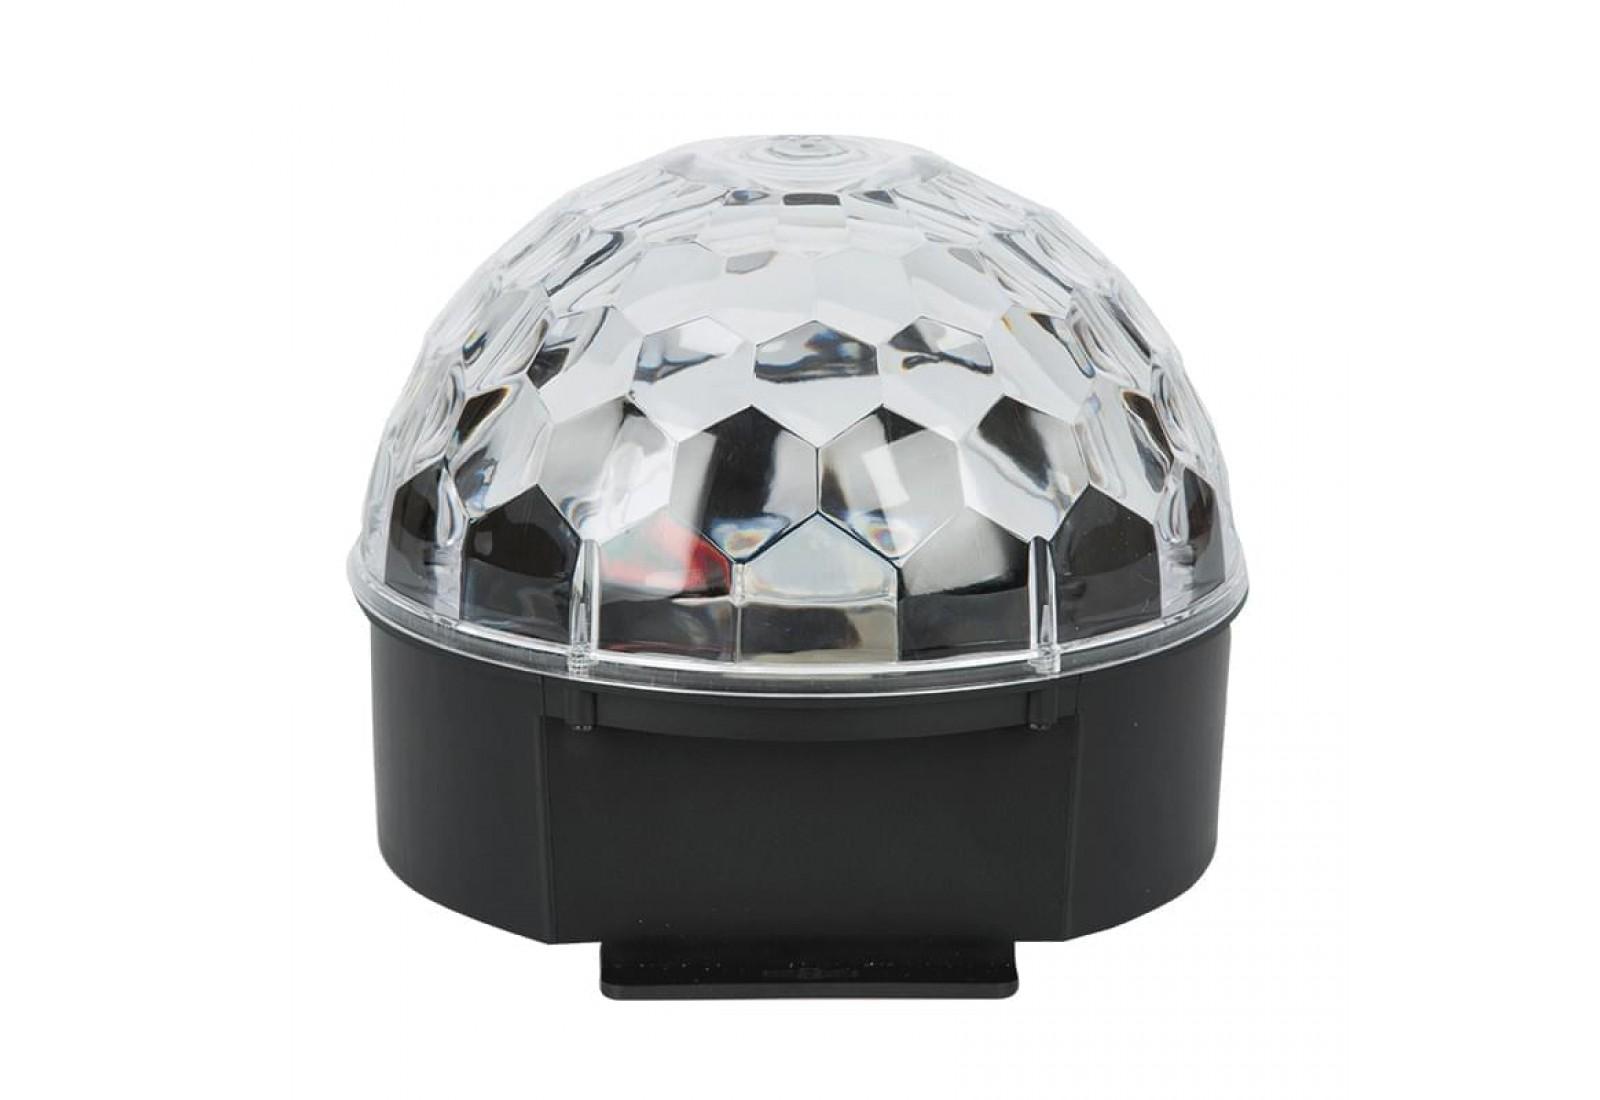 KZ-Mini Crystal Ball